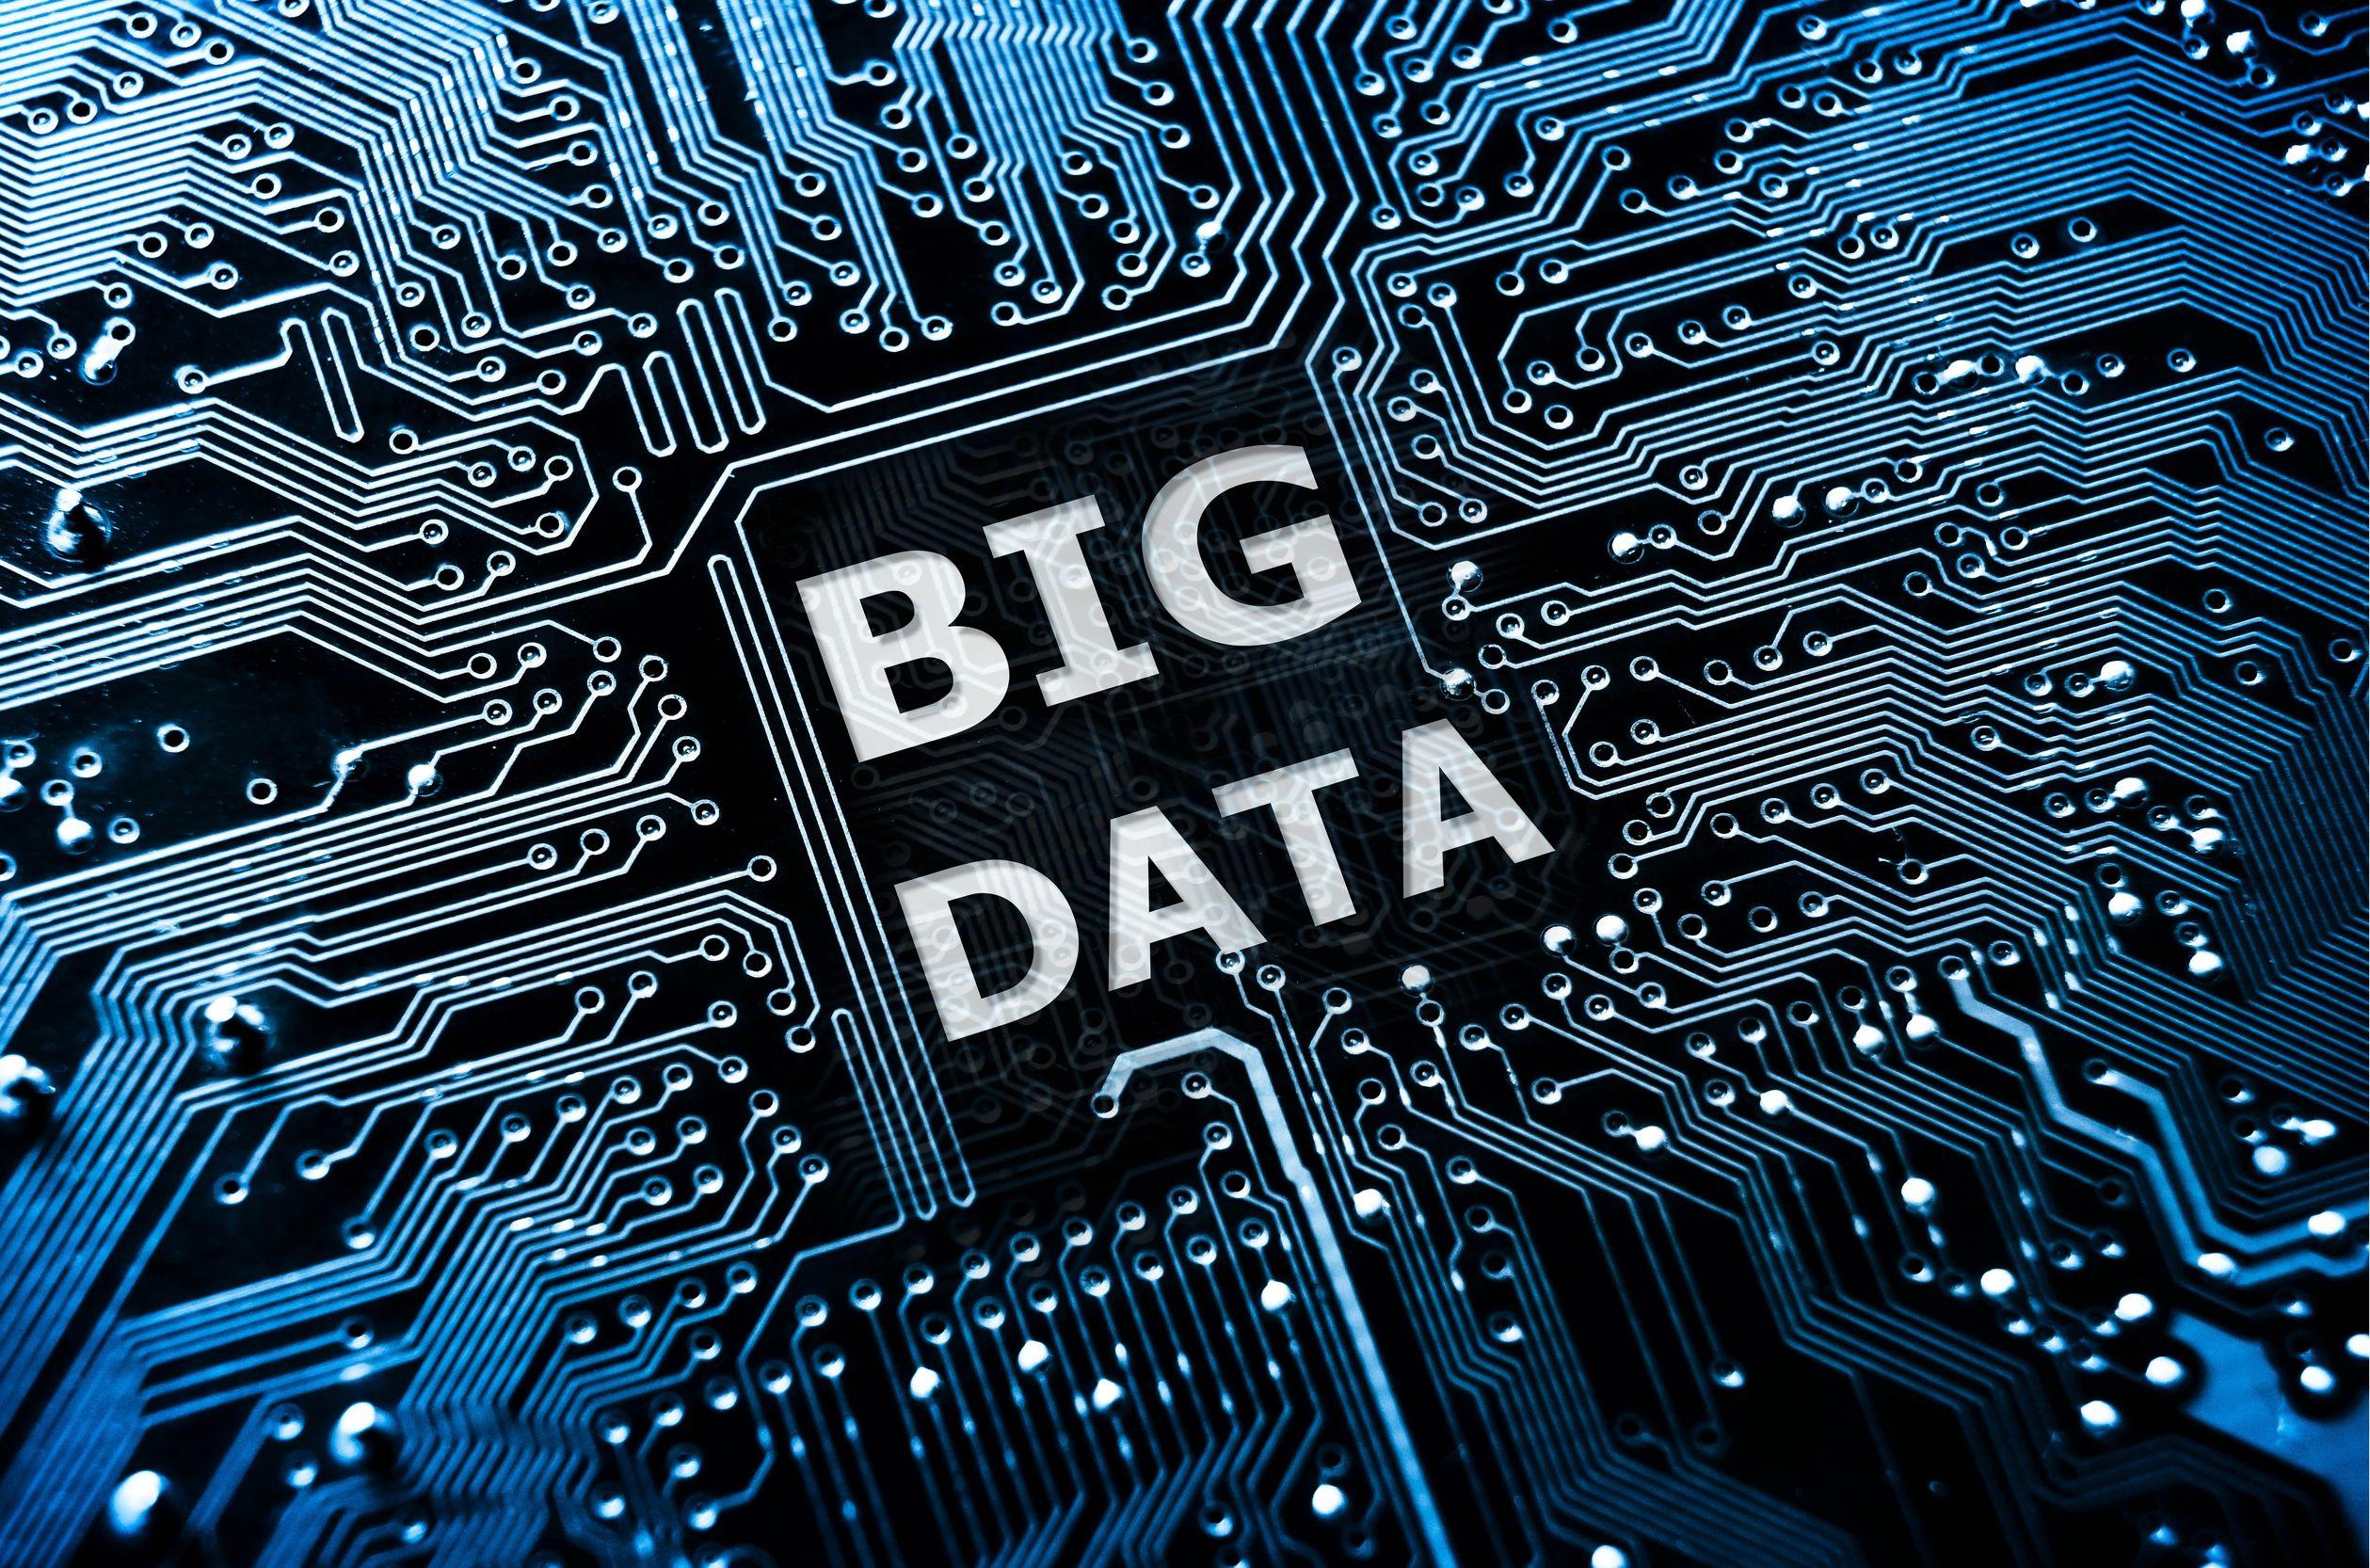 Big Data Sfai Spain